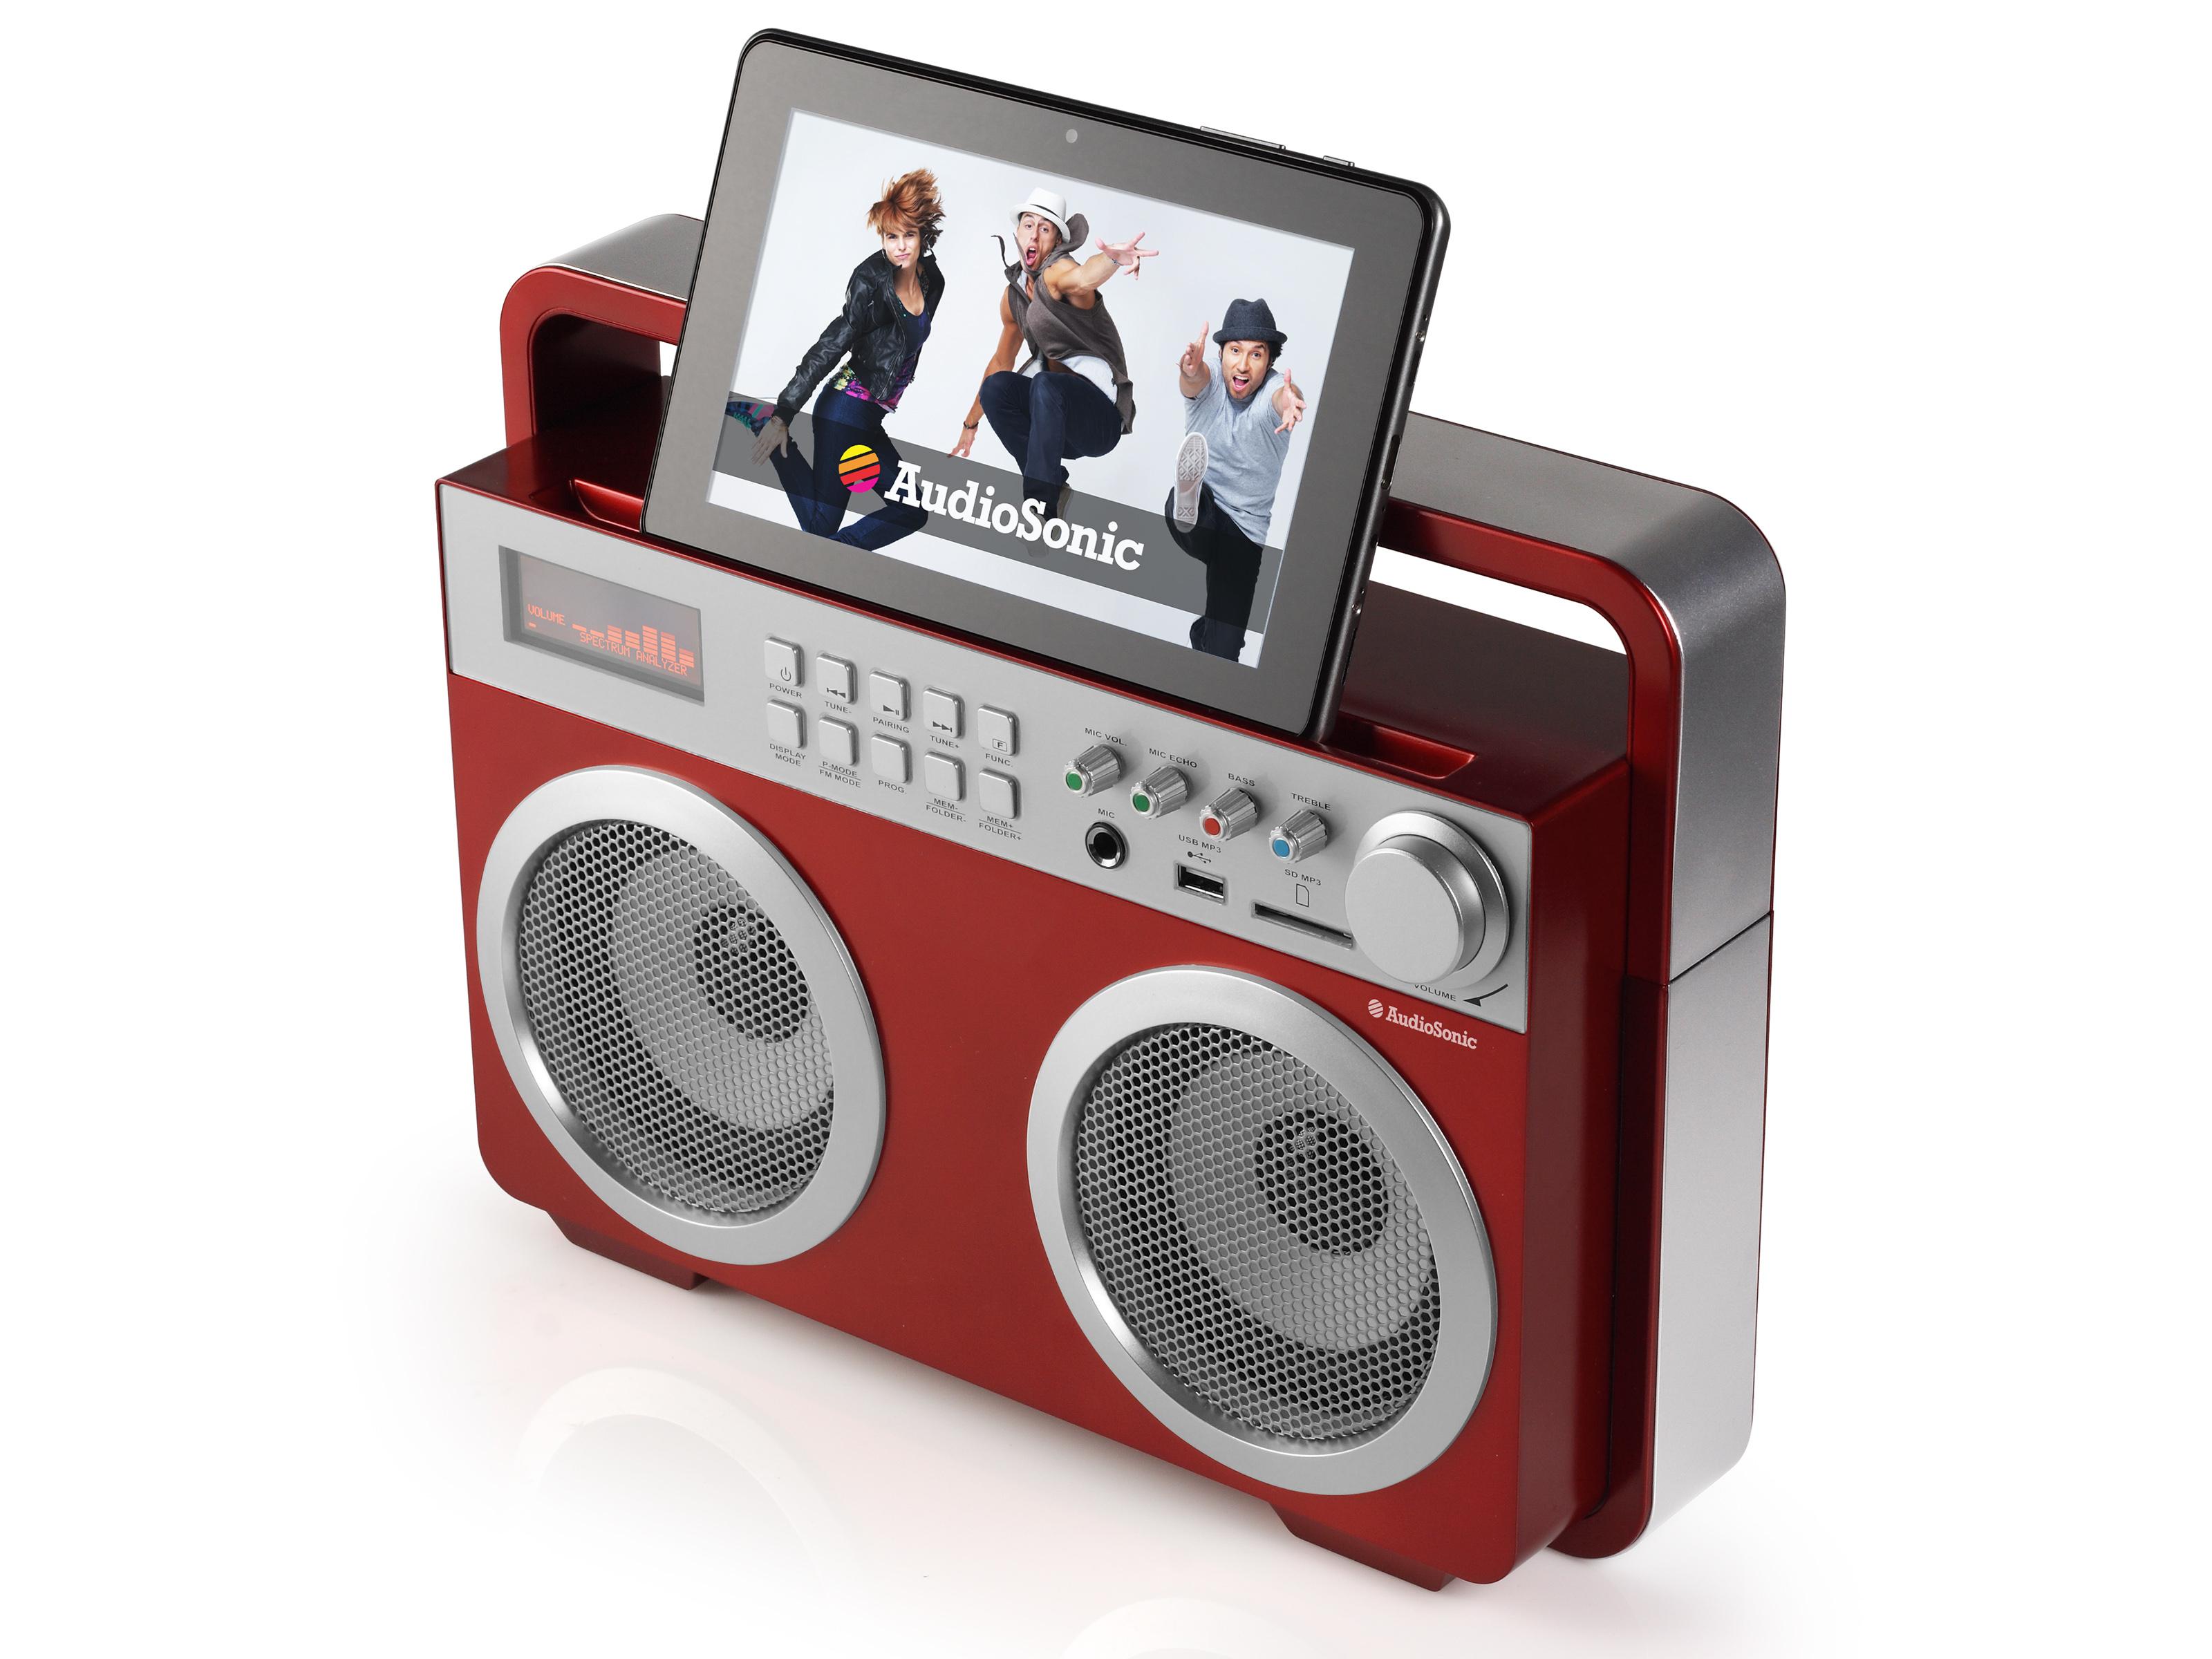 AudioSonic RD-1558 Portatile Rosso radio